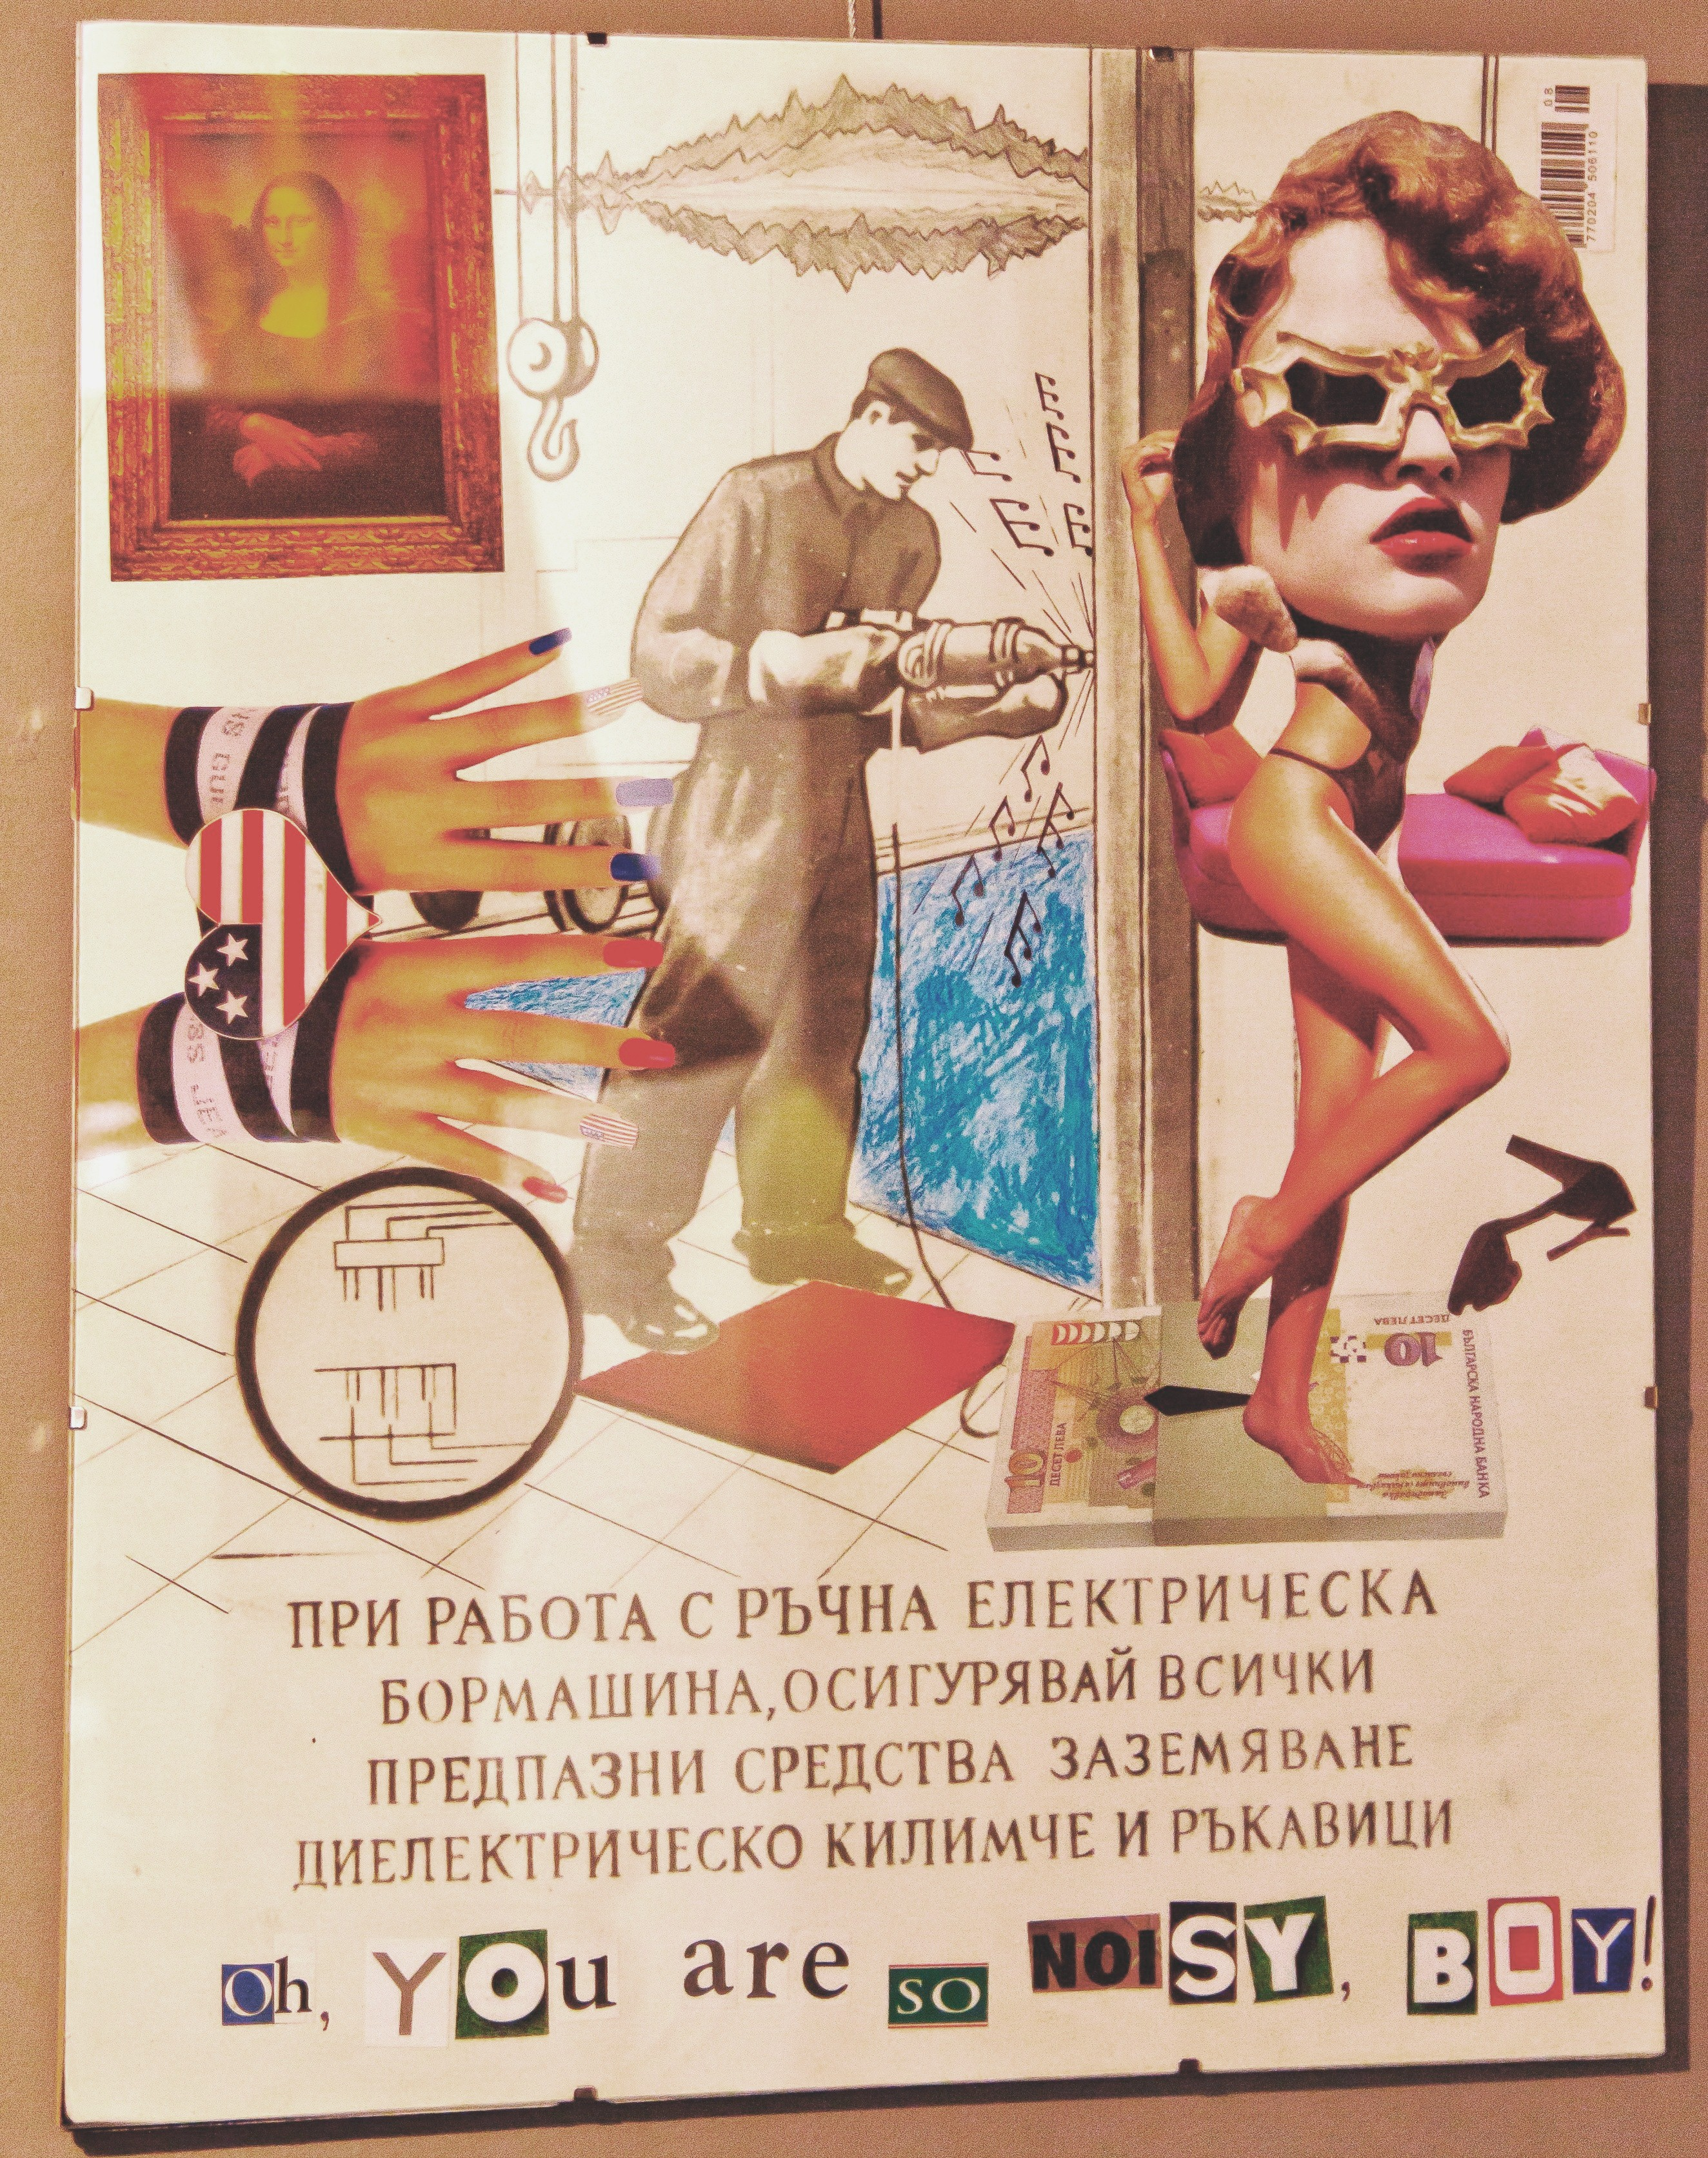 Kiril Katzarov_izlojba 1.5.2012_29